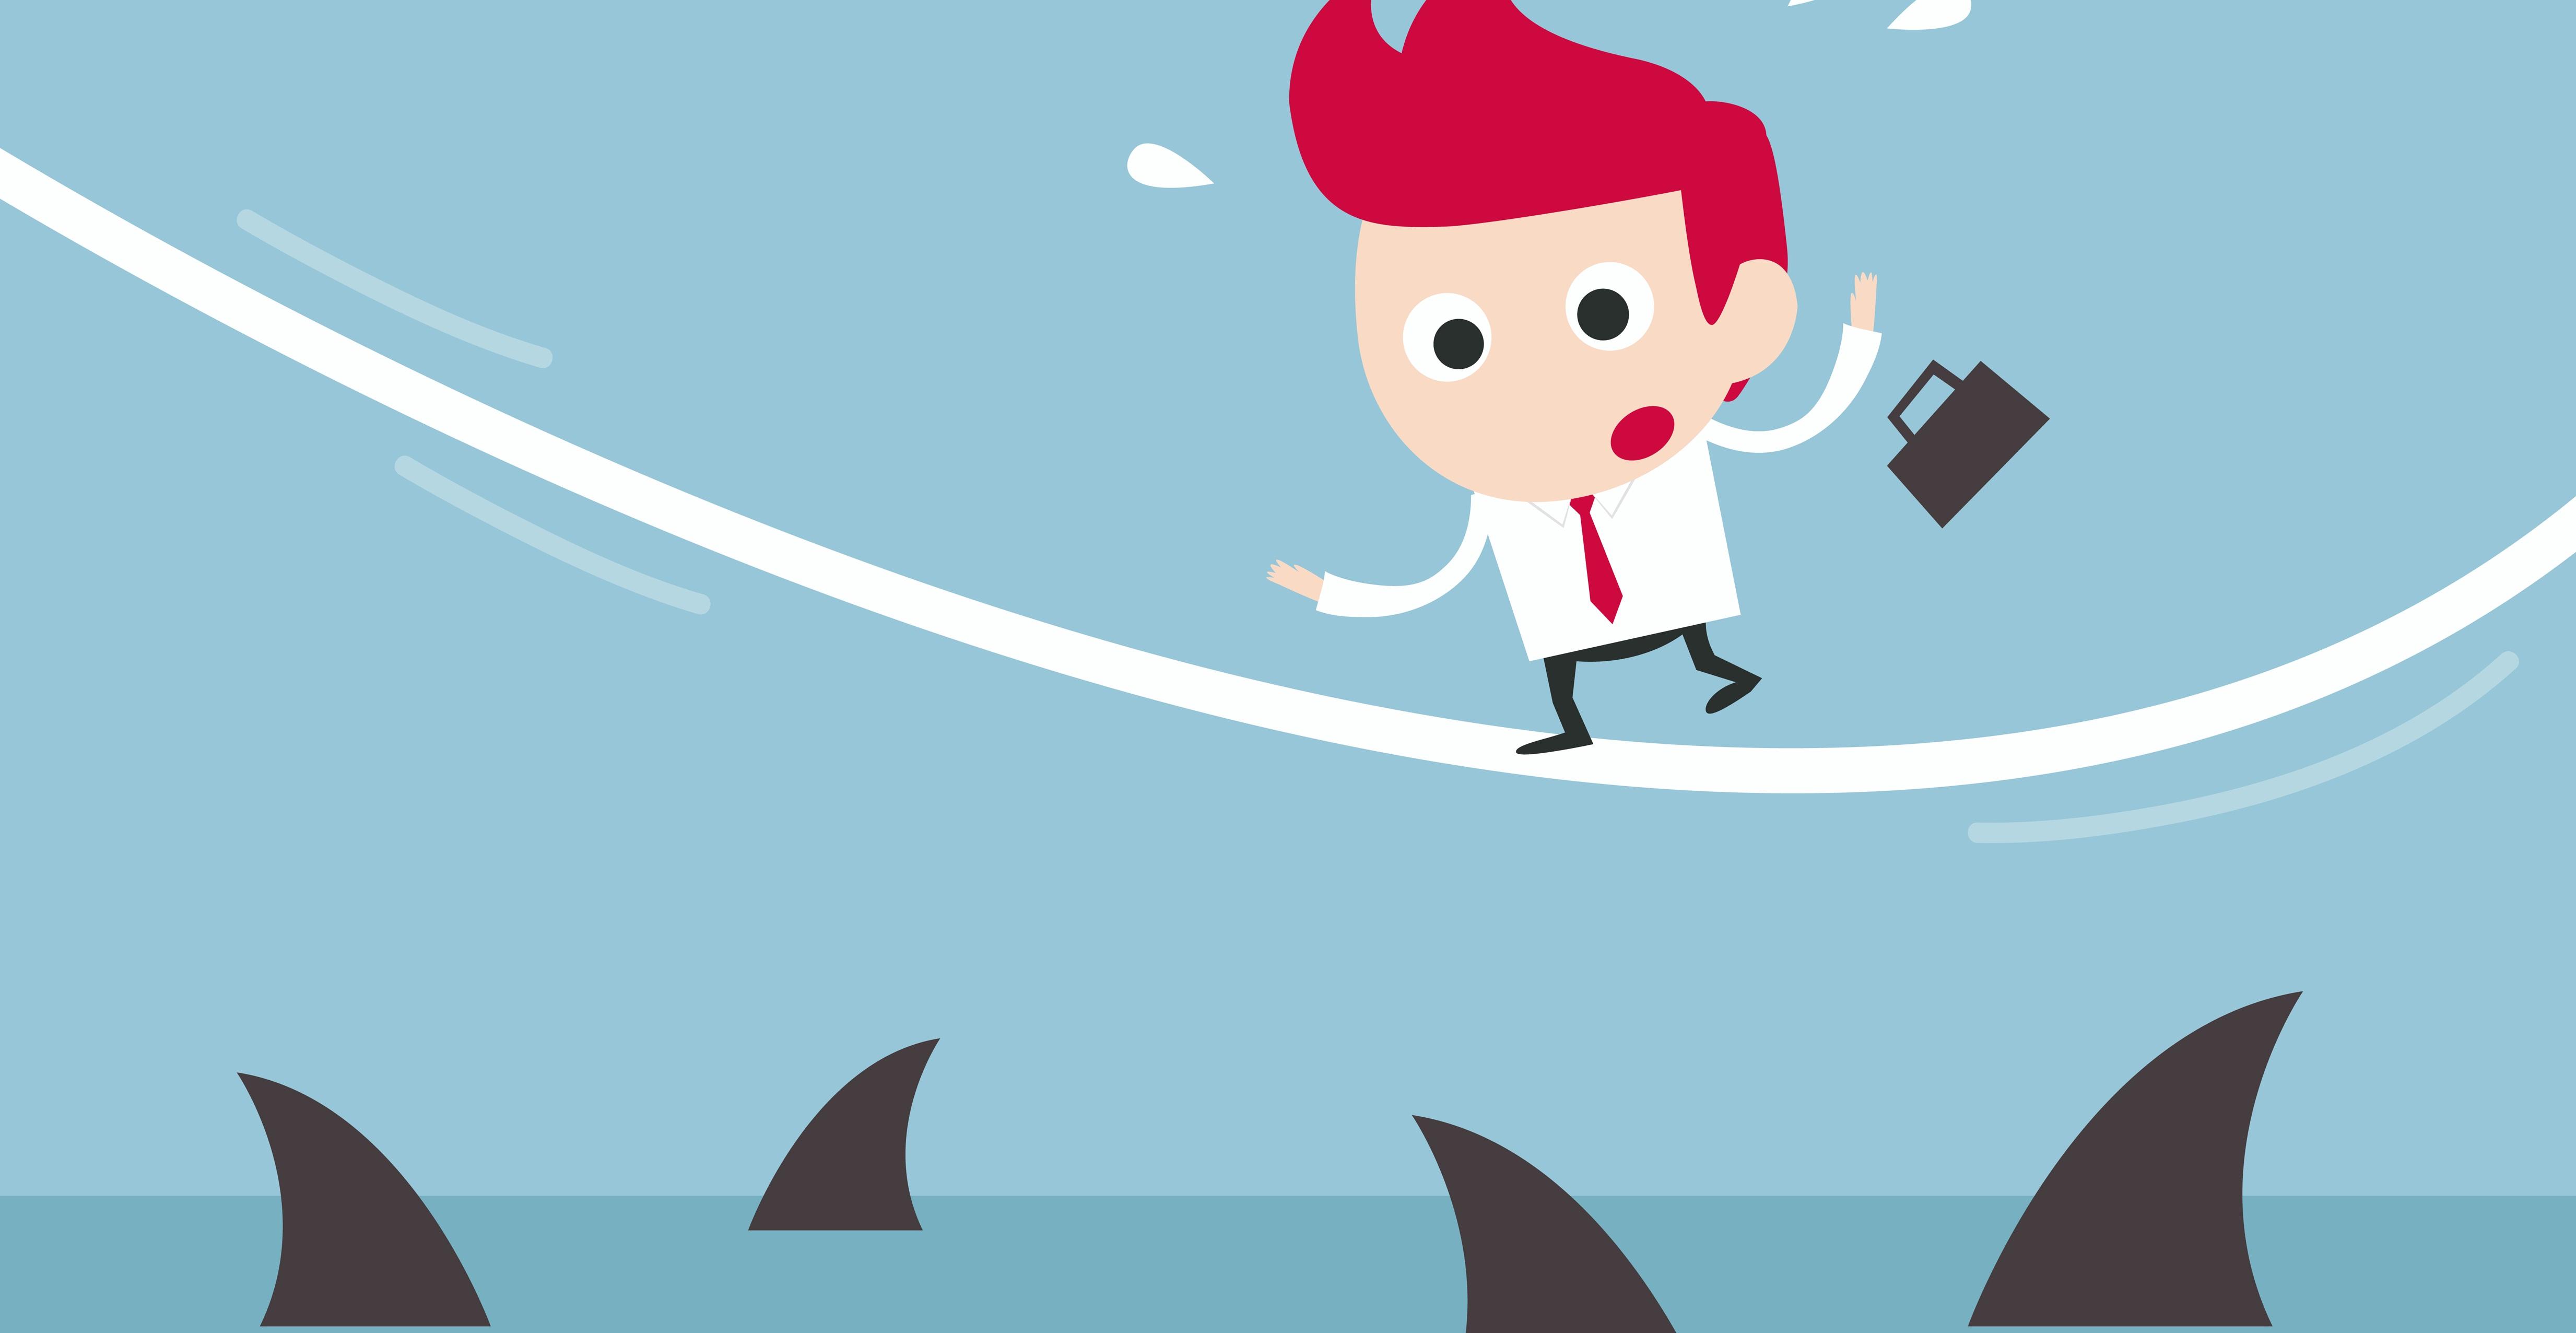 9 nguyên tắc đầu tư kinh doanh giúp bạn thành công trong cuộc sống